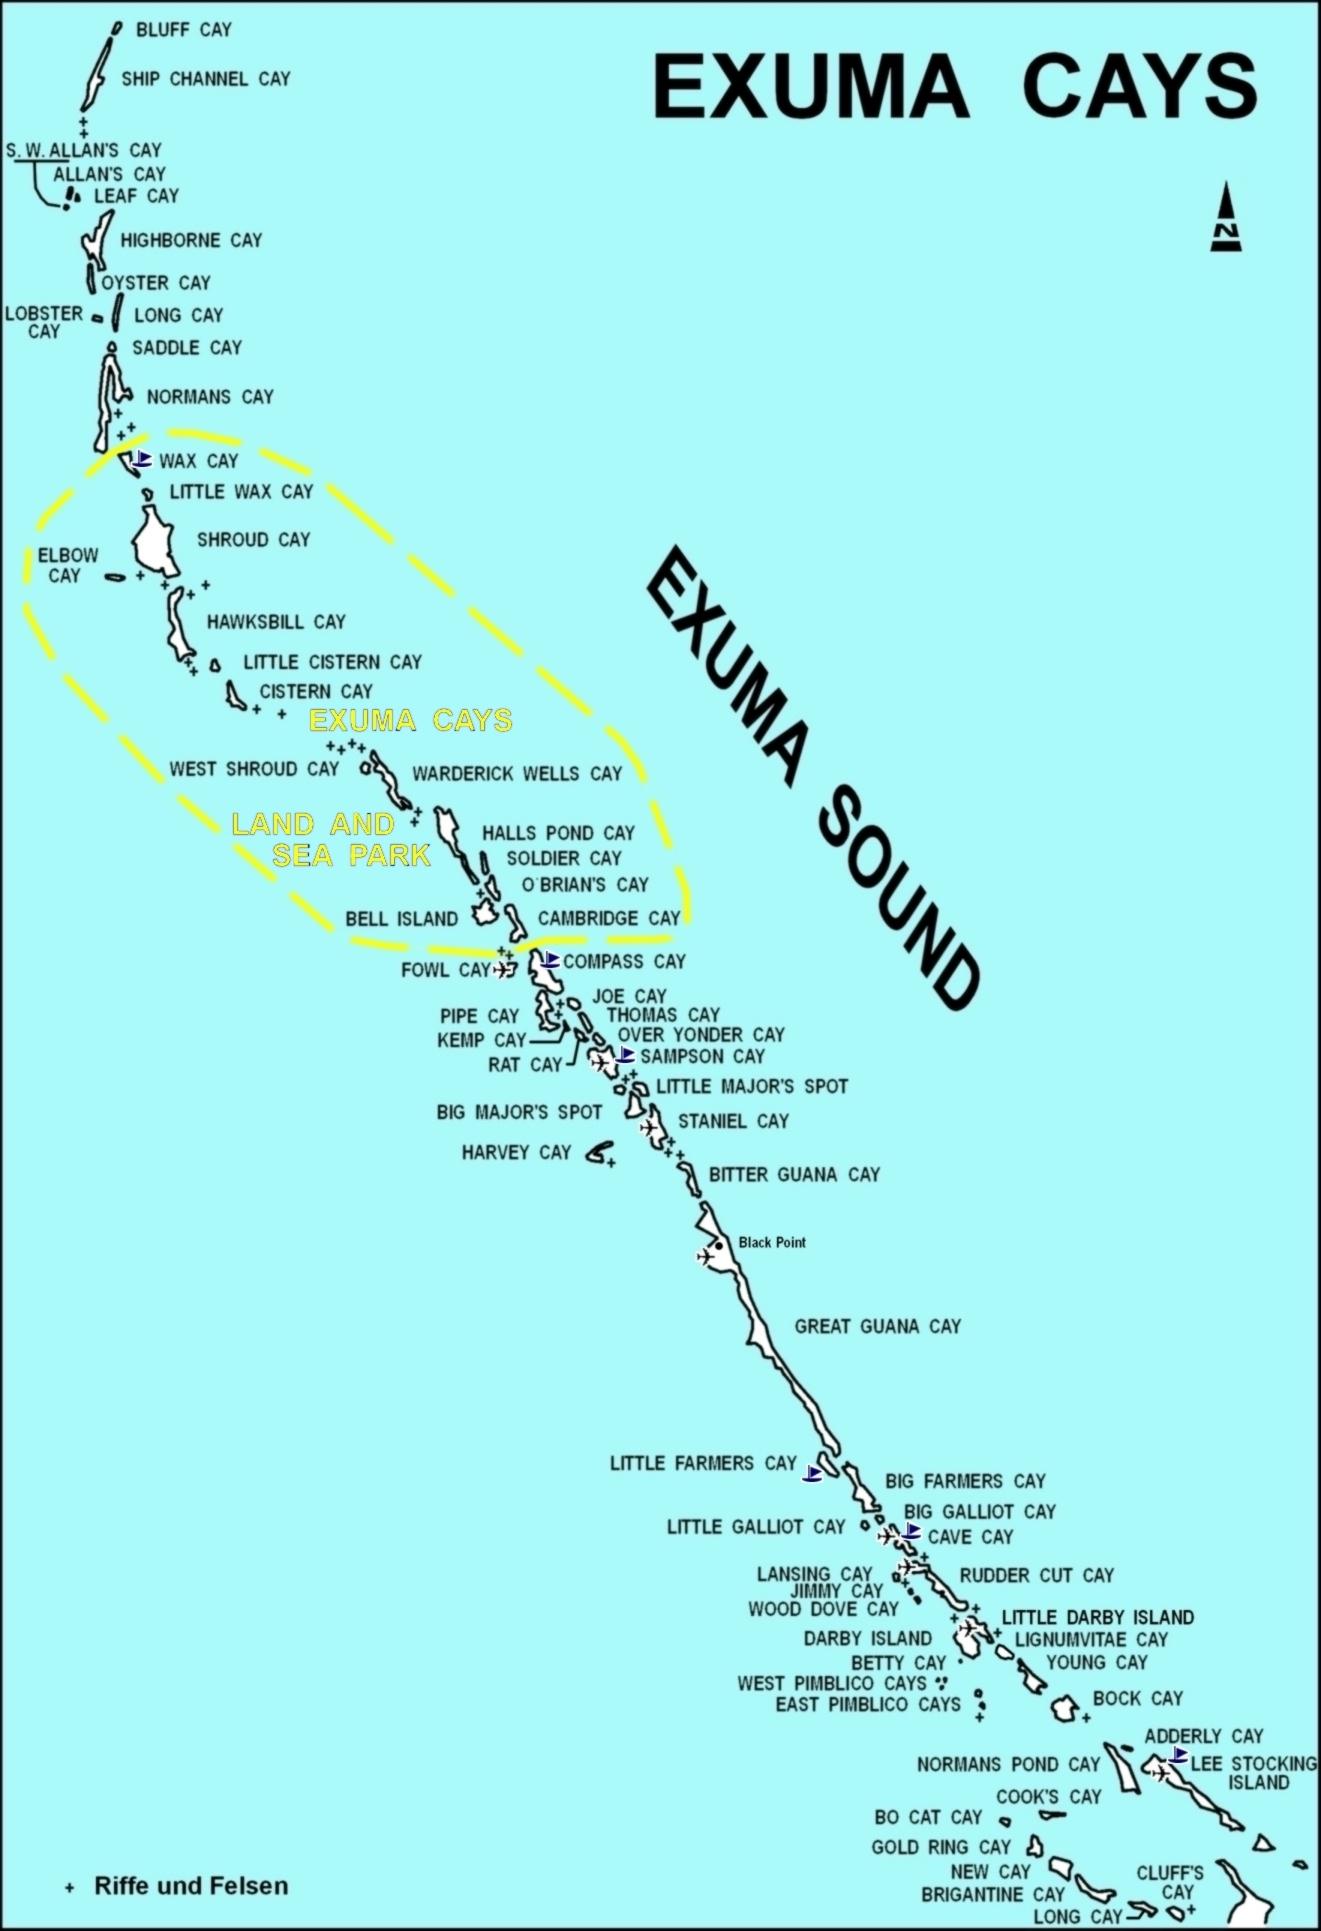 Big Island Spot K K